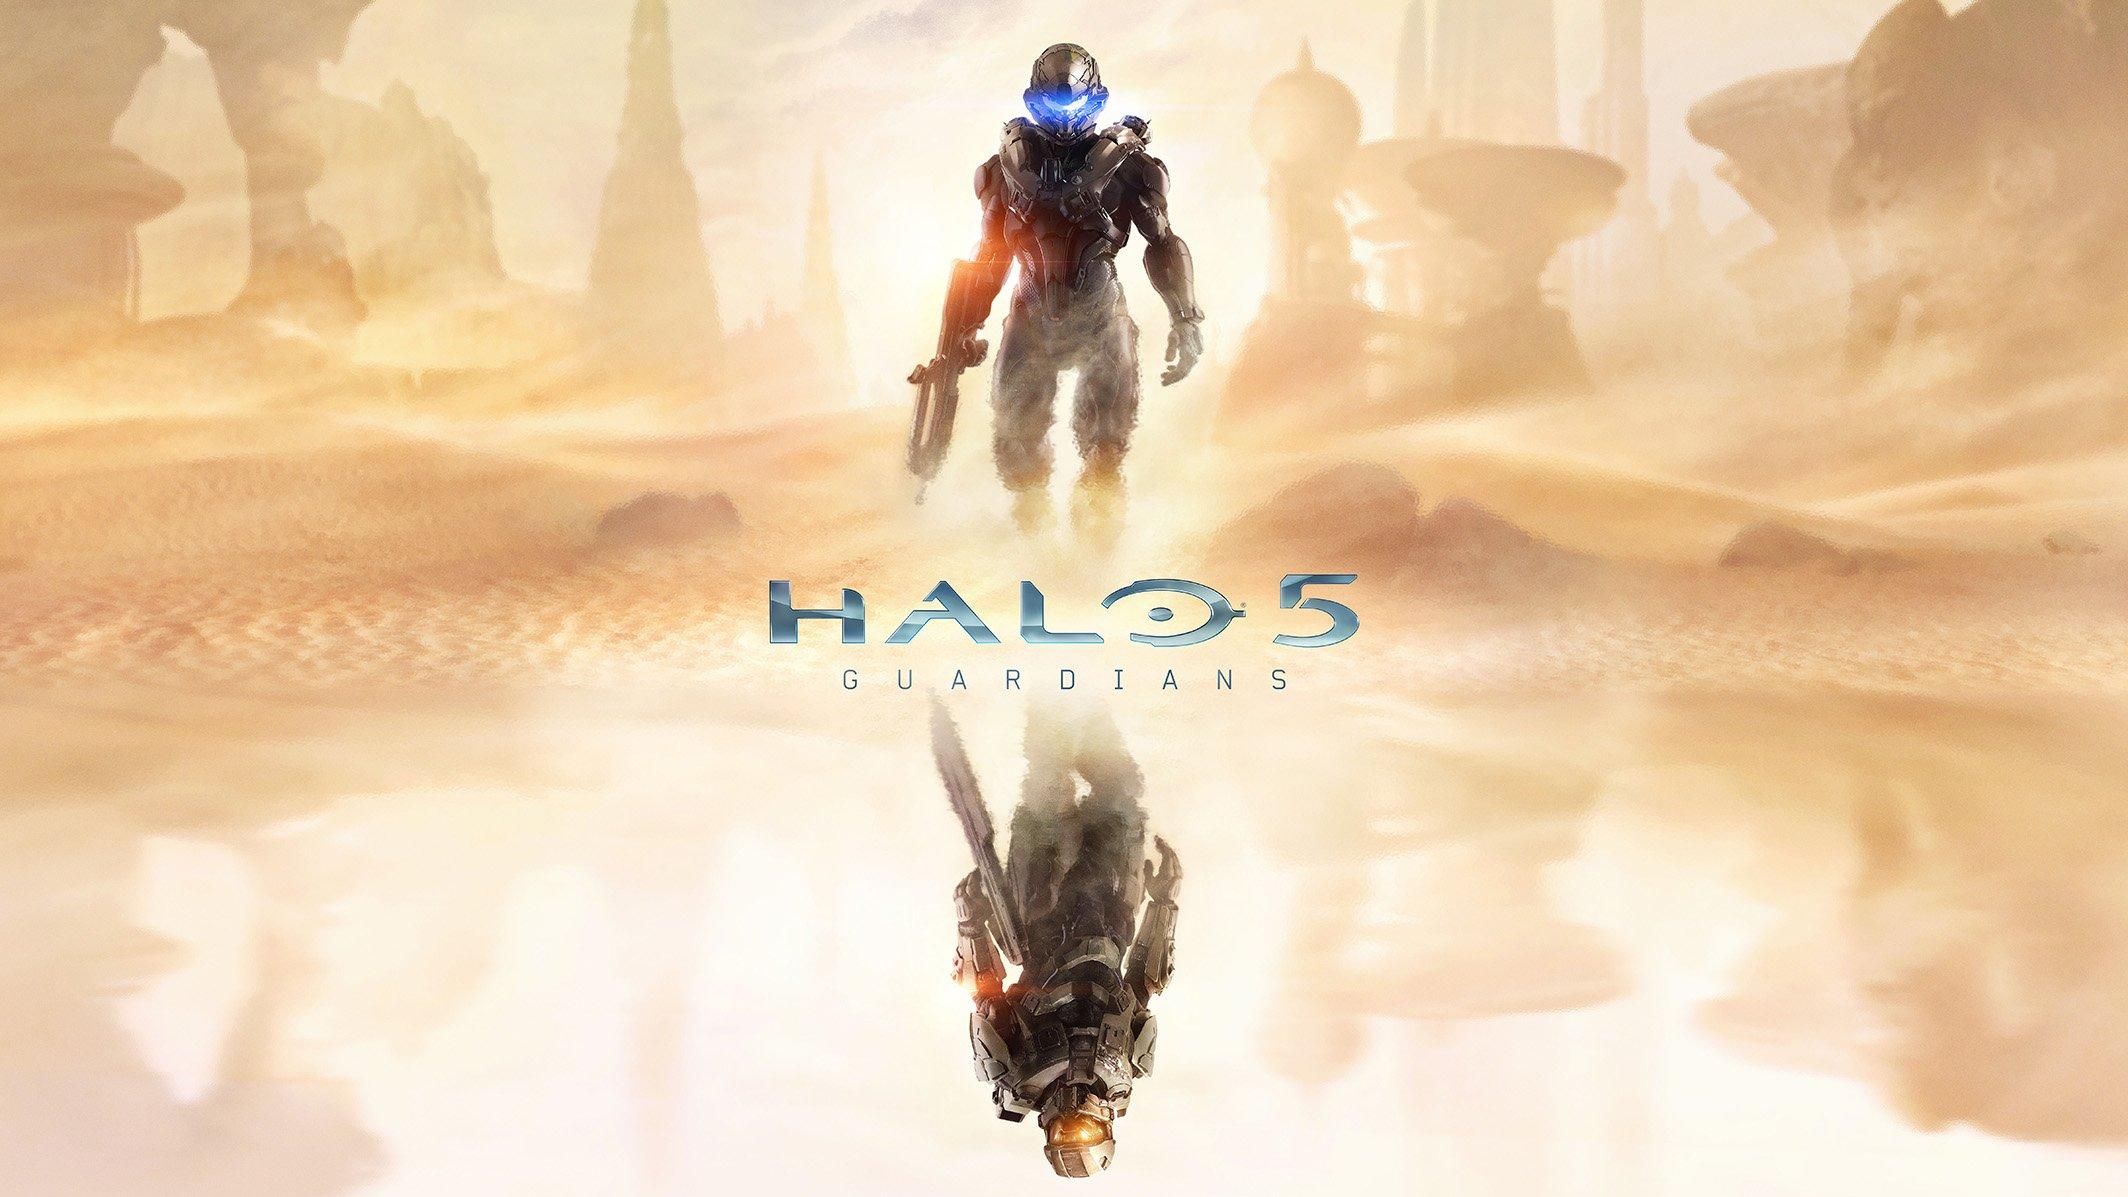 Microsoft опровергла слухи о появлении Halo 5 на PC - Изображение 1